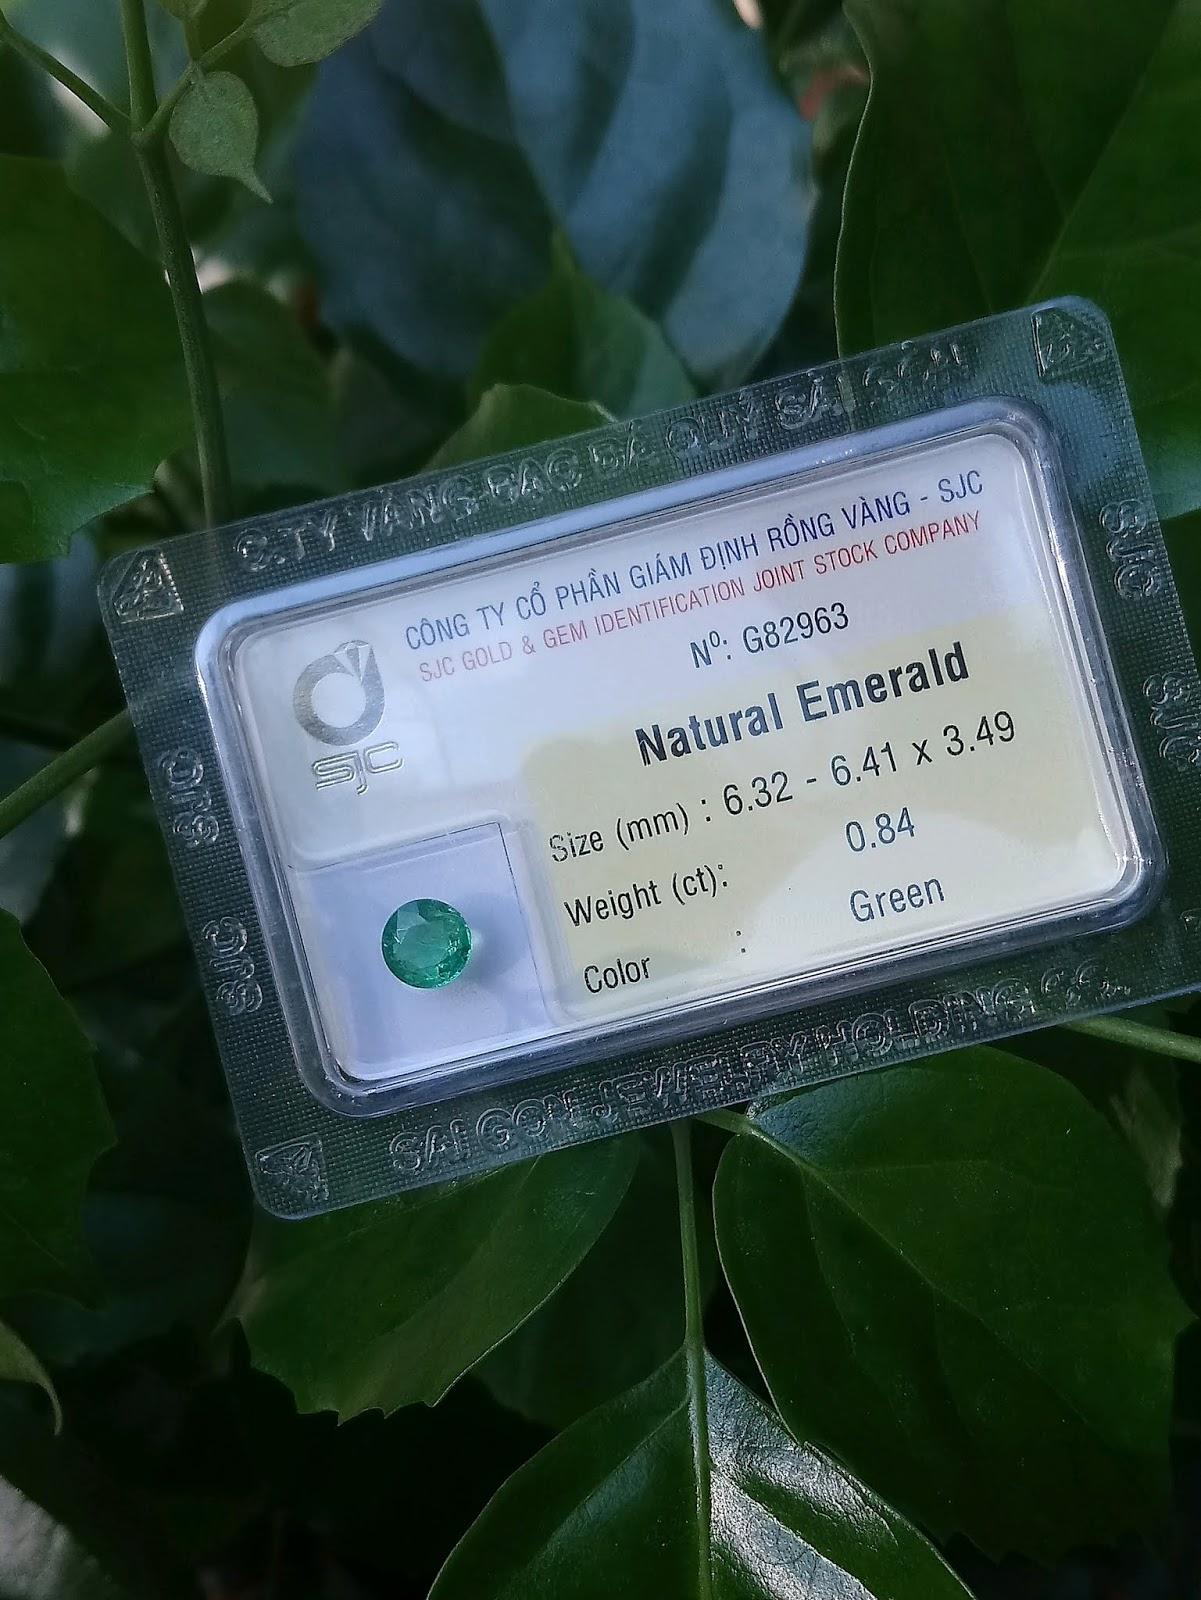 Đá quý Ngọc Lục Bảo thiên nhiên, Natural Emerald giác tròn chất ngọc xanh chuẩn ( 11/4/20, 02 )